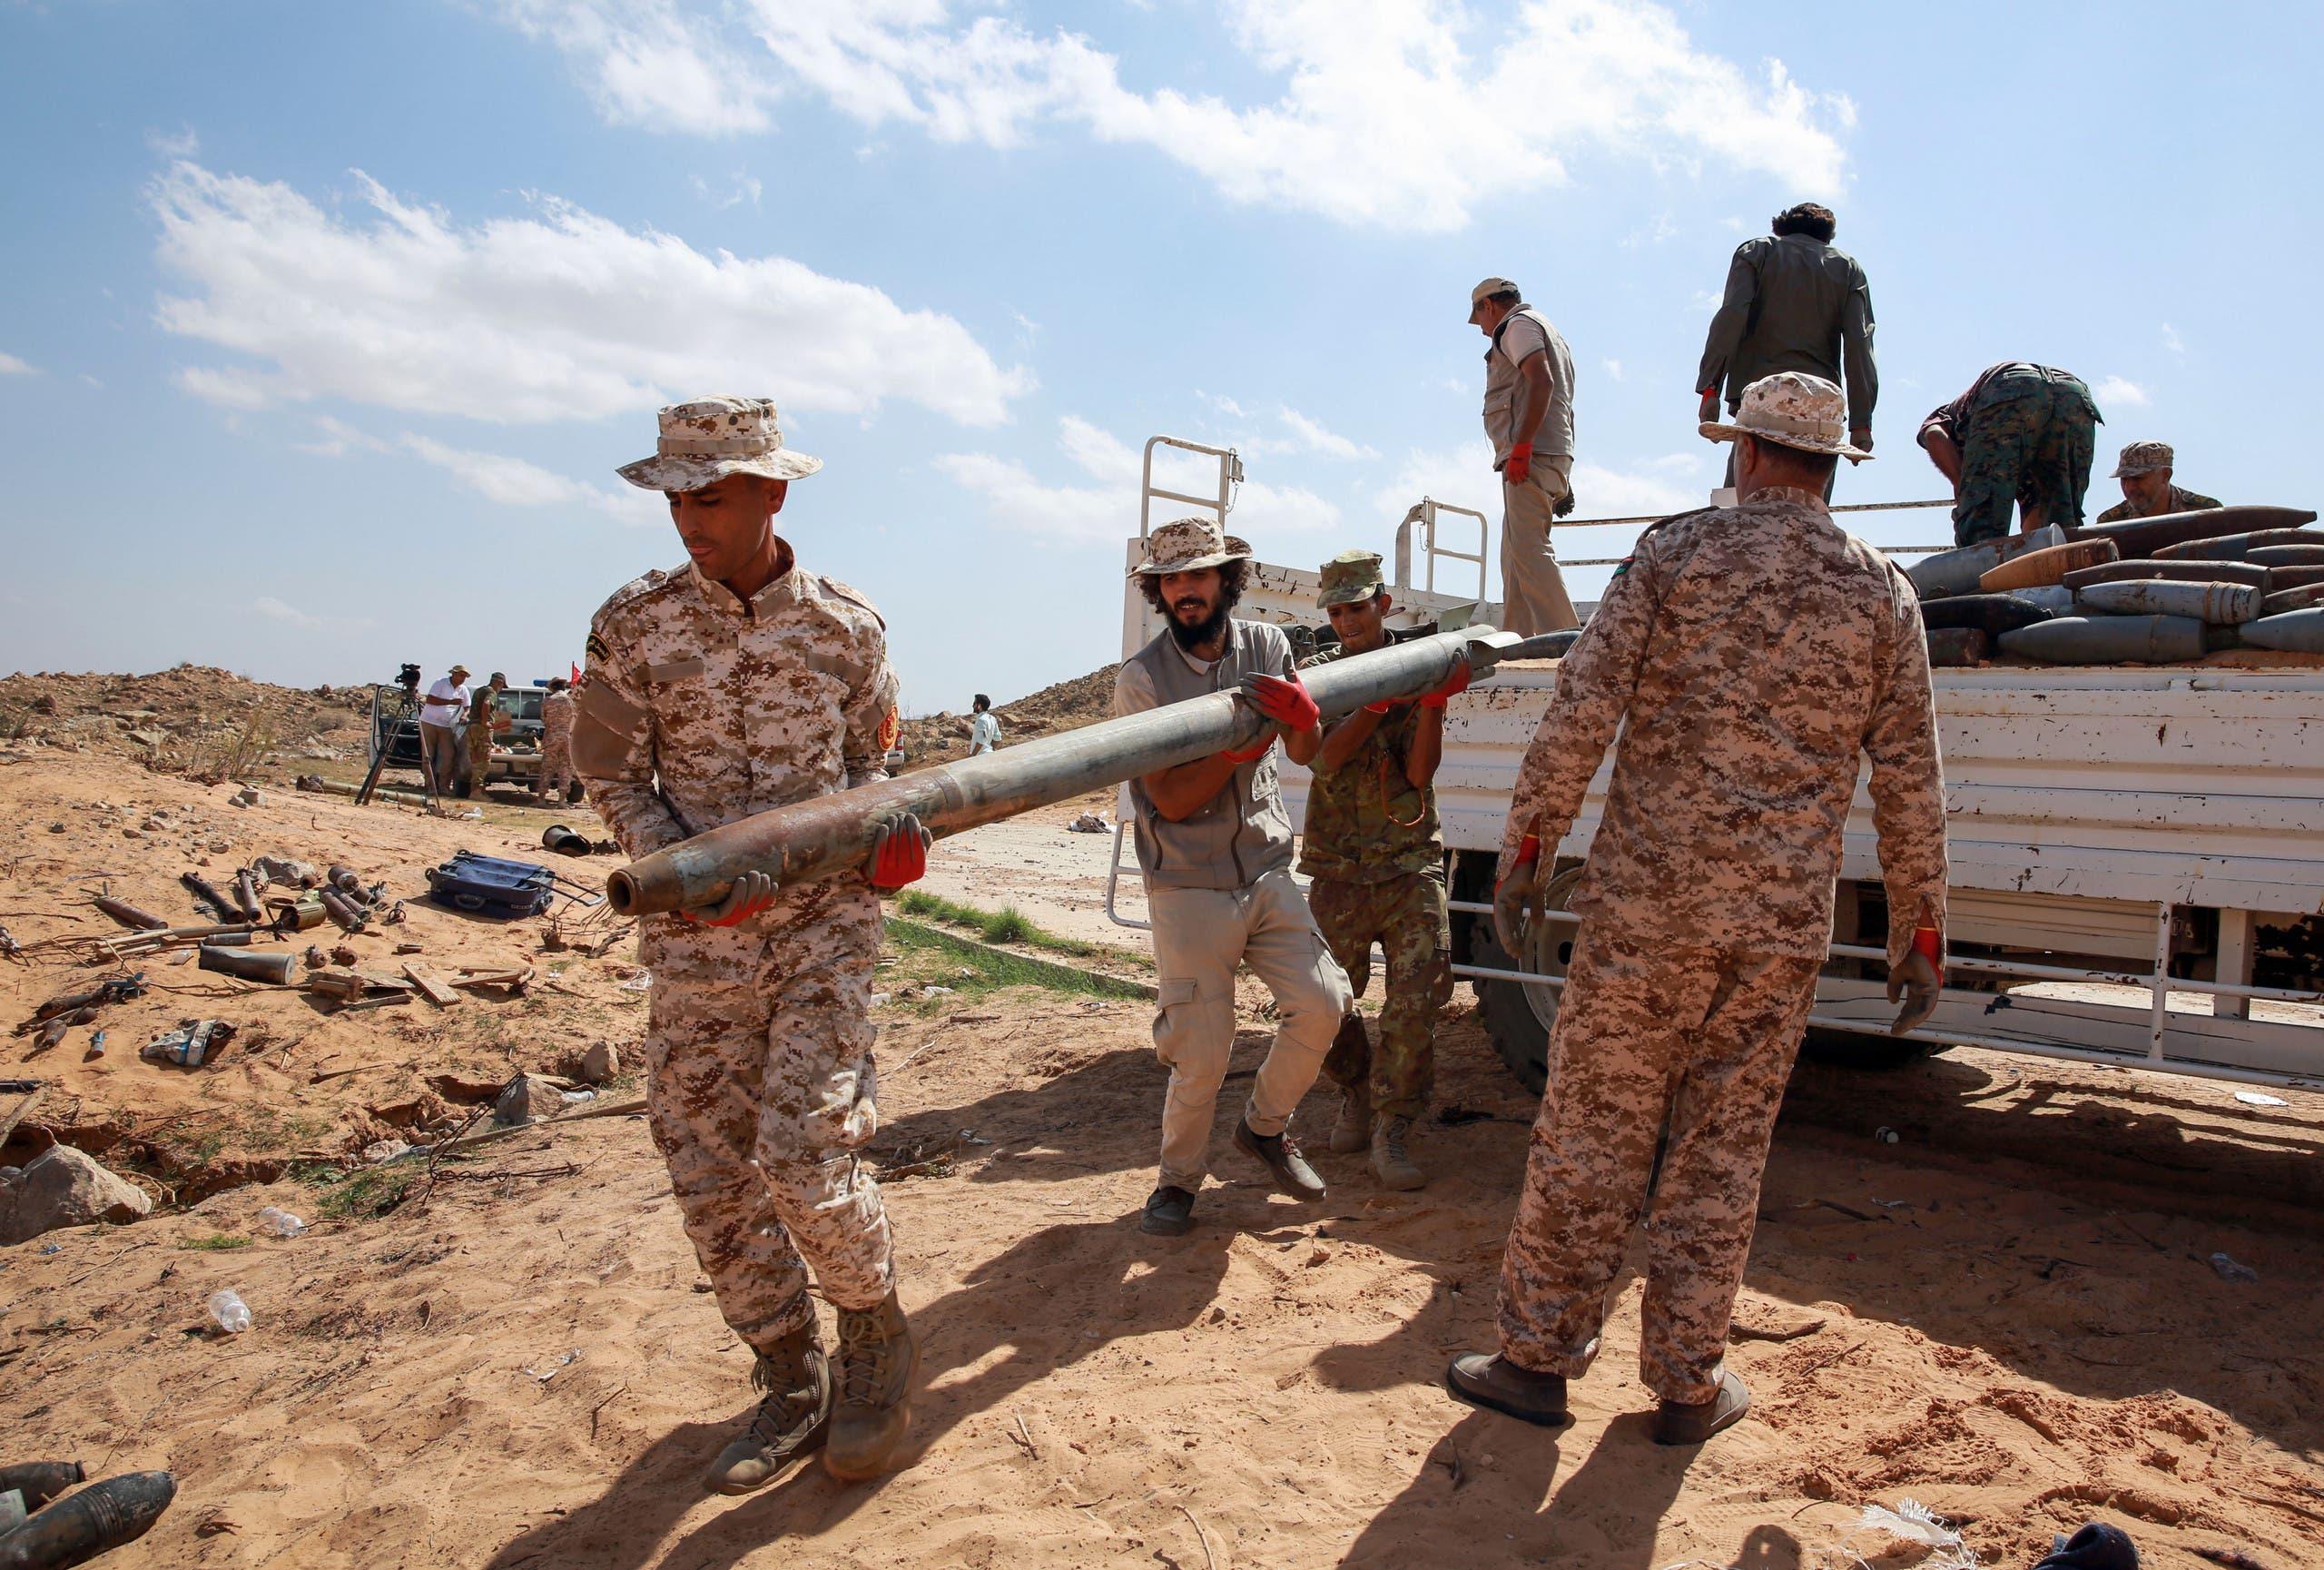 اعضای نیروی سازش در طرابلس (بایگانی - مطبوعات فرانسه)